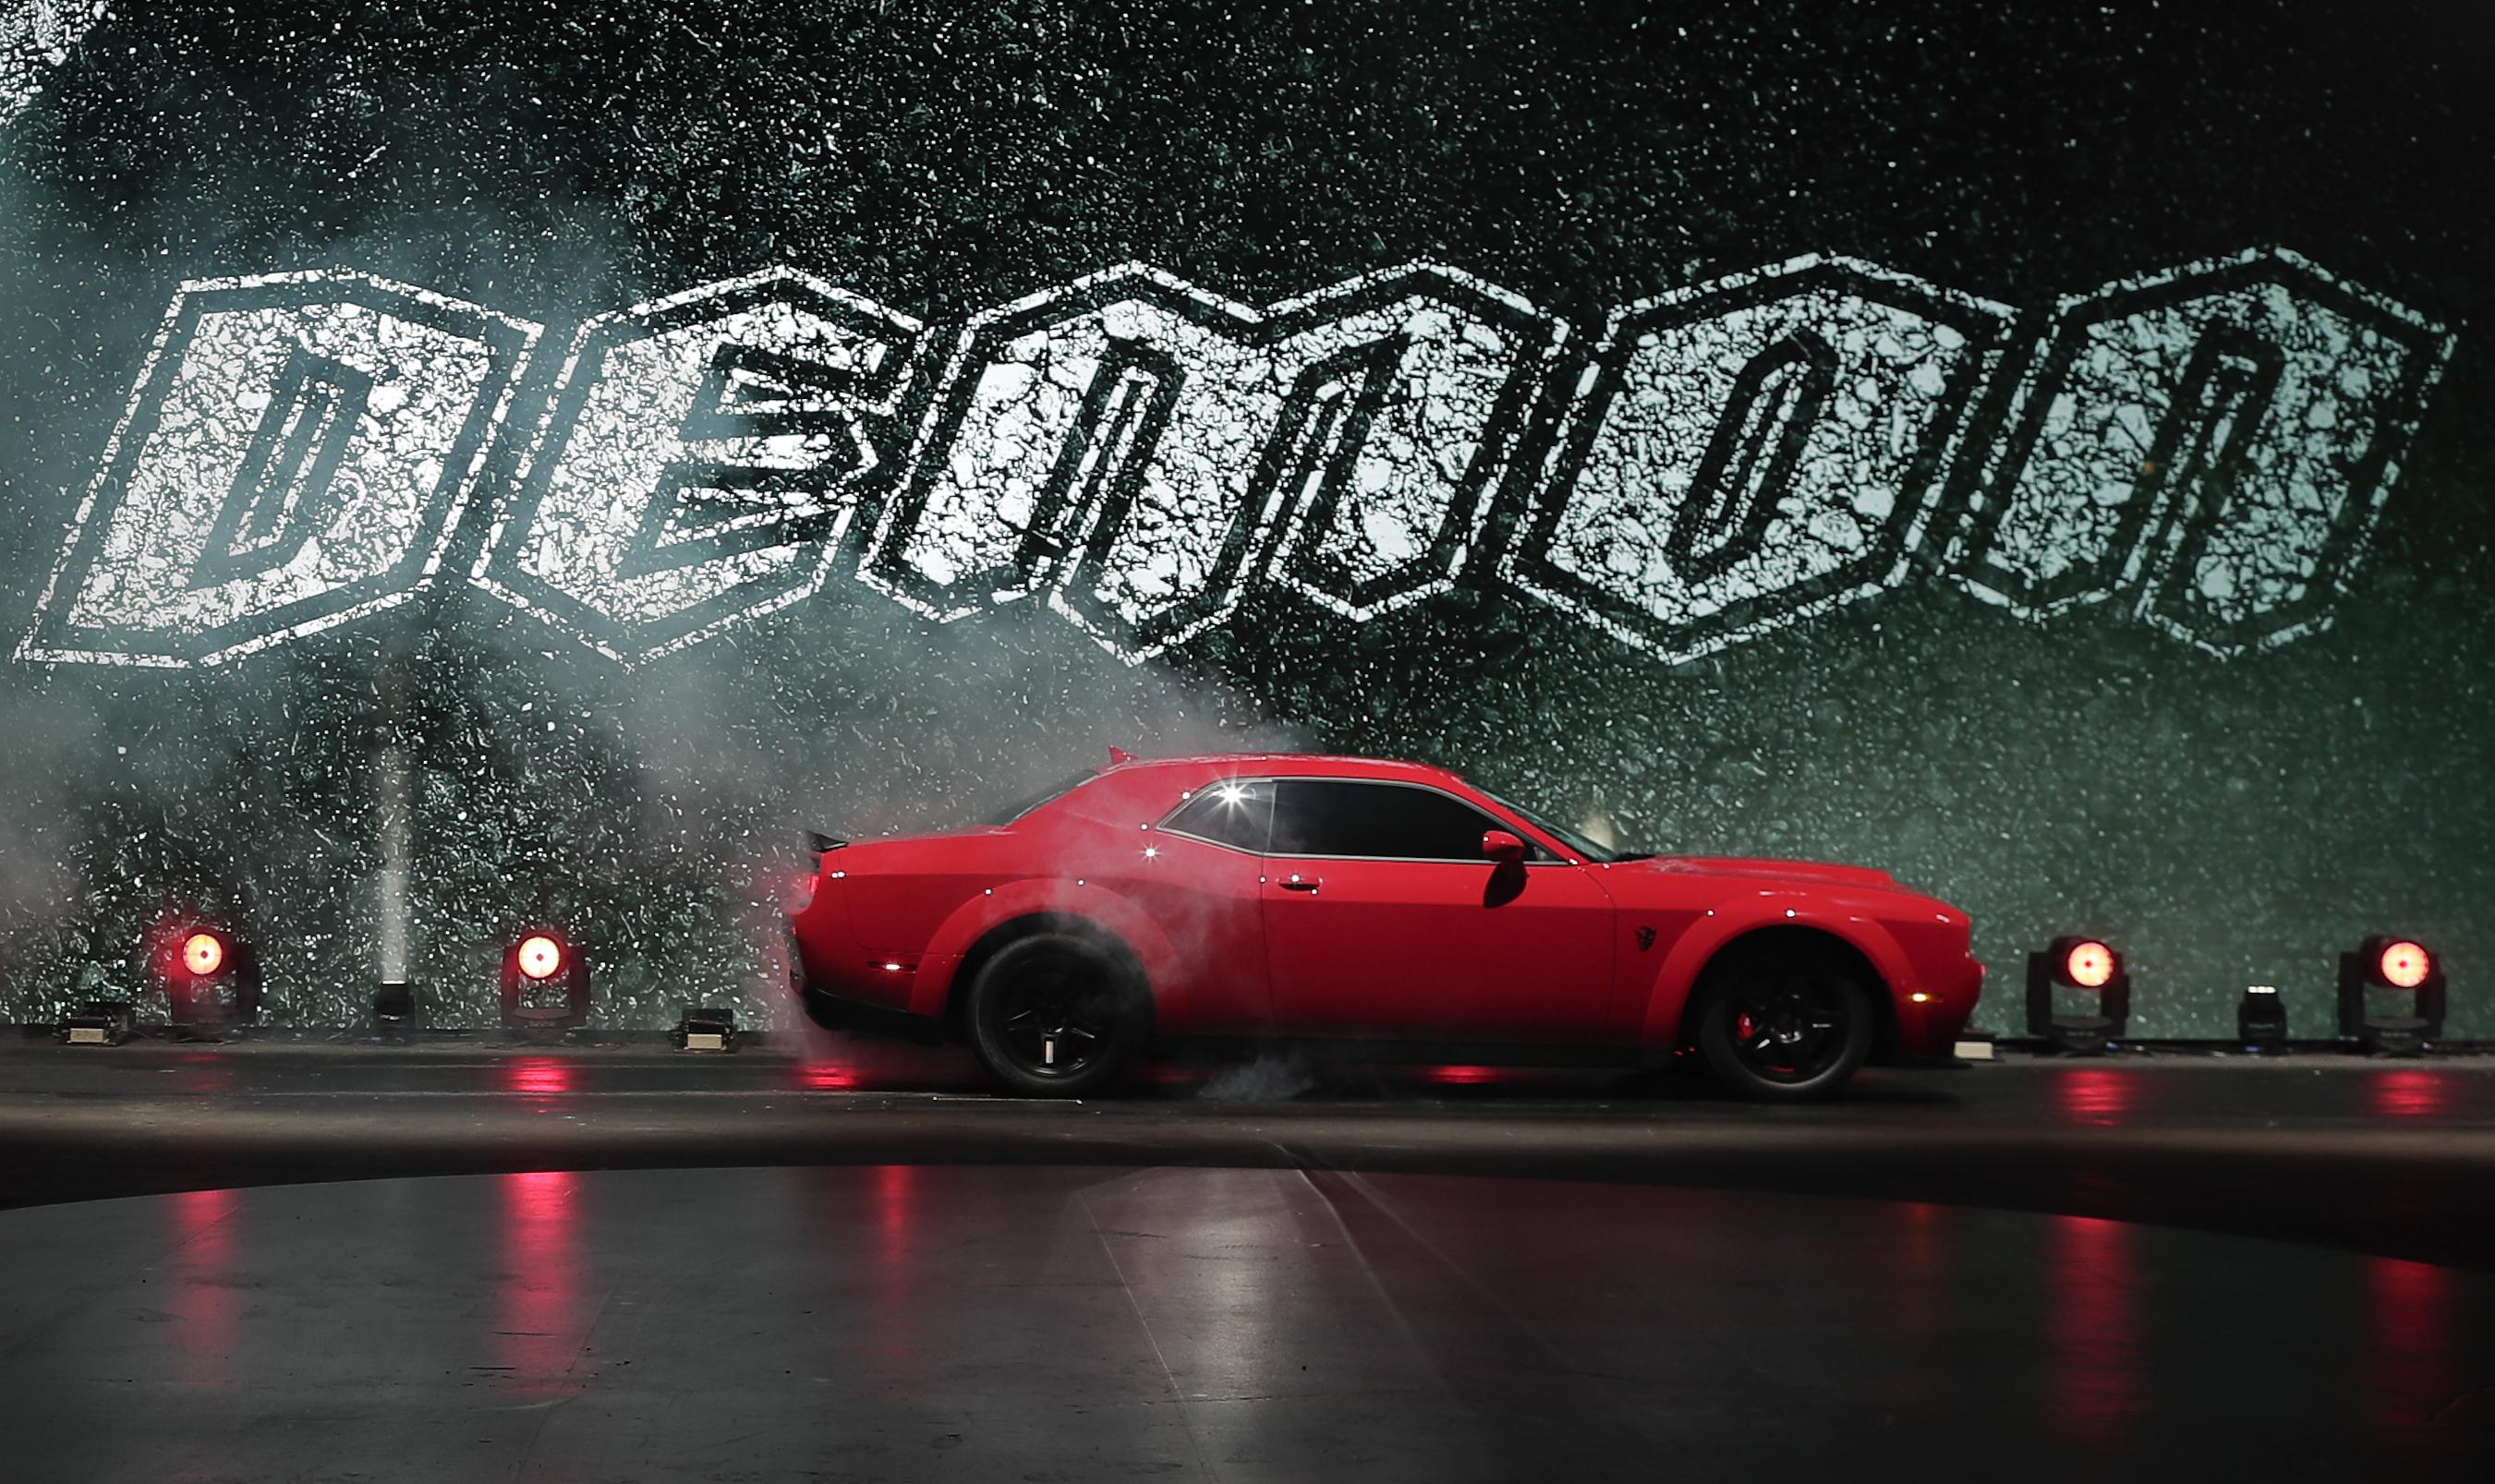 Meet The 840 Horsepower Dodge Challenger Srt Demon The Boston Globe